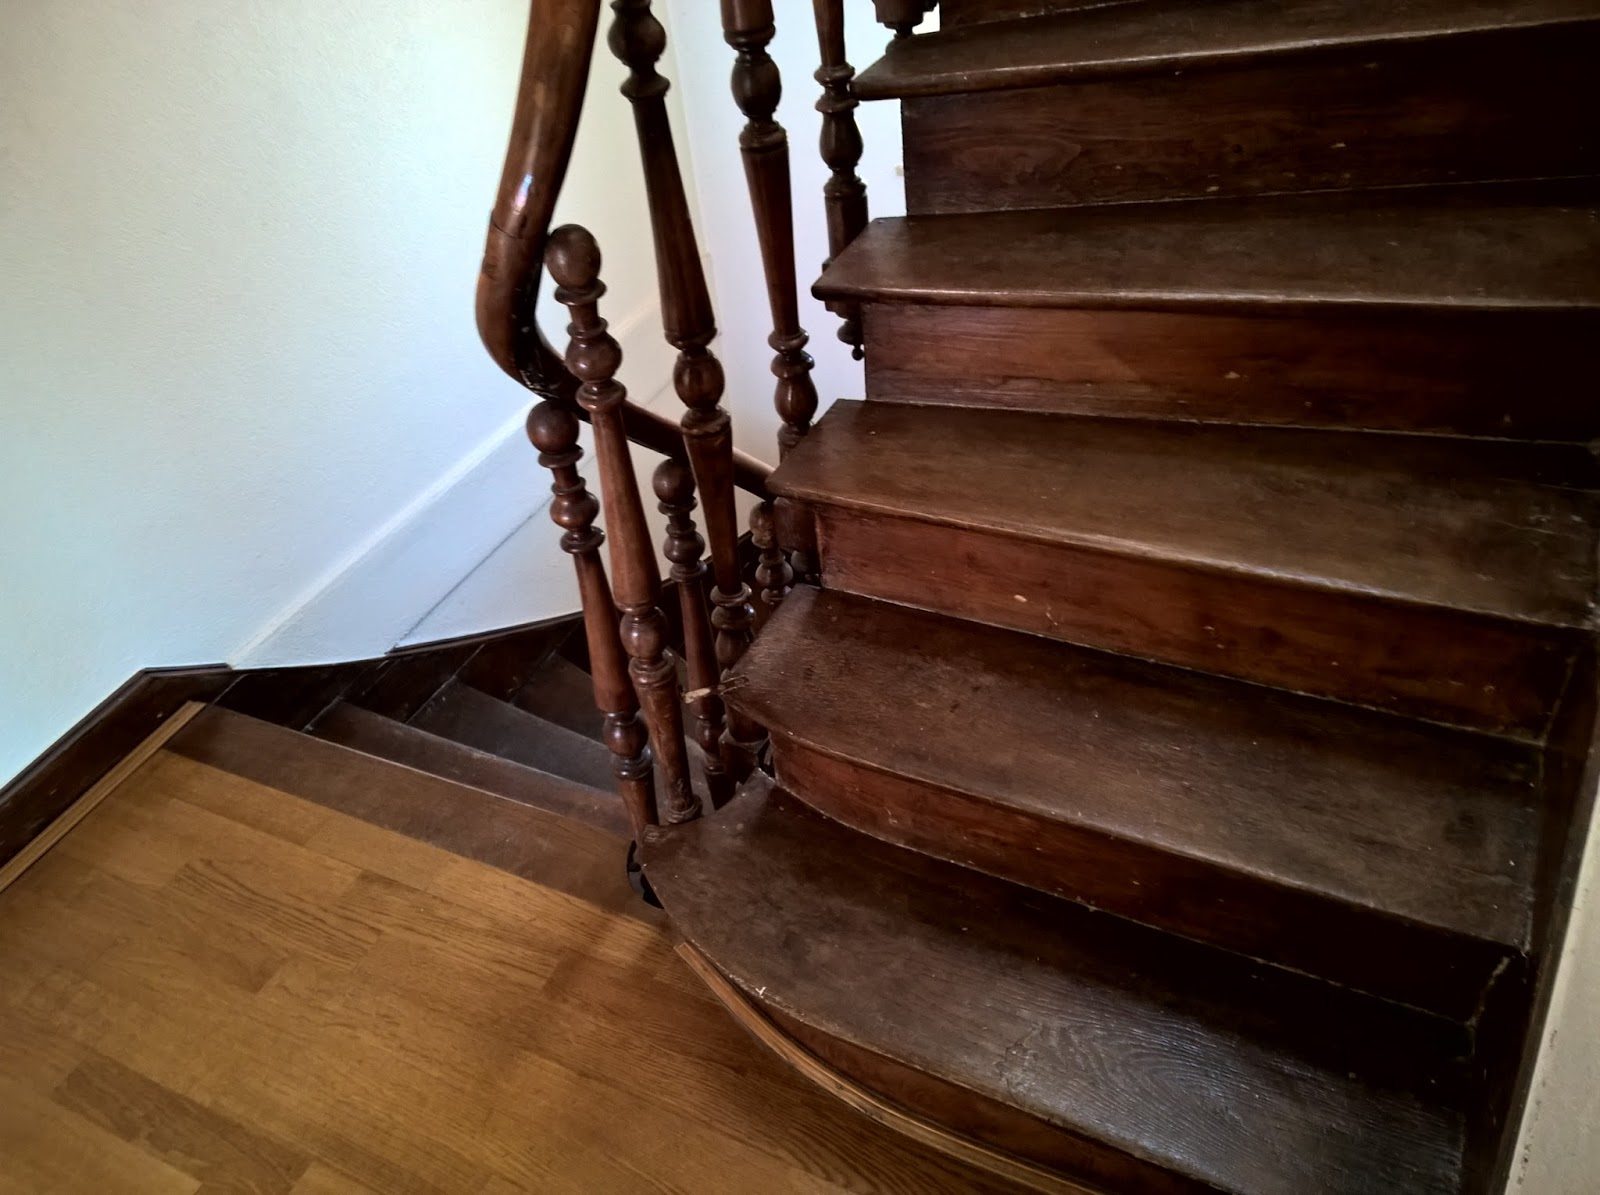 Diagnostics immobiliers que faut il savoir je vends for Cage escalier exterieur